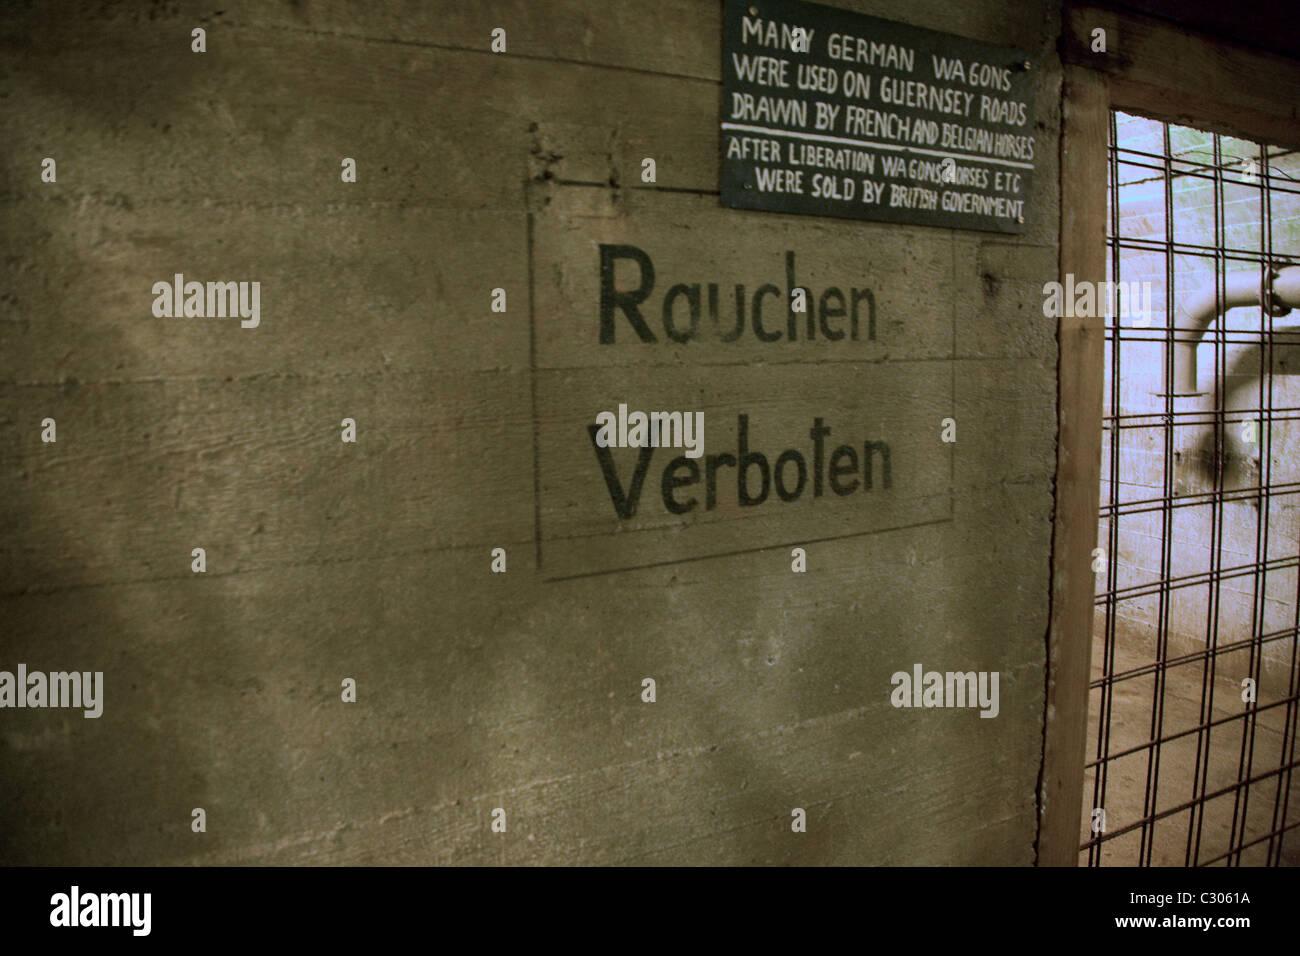 German Underground Military hospital Guernsey Channel islands Rauchen Verboten sign - Stock Image